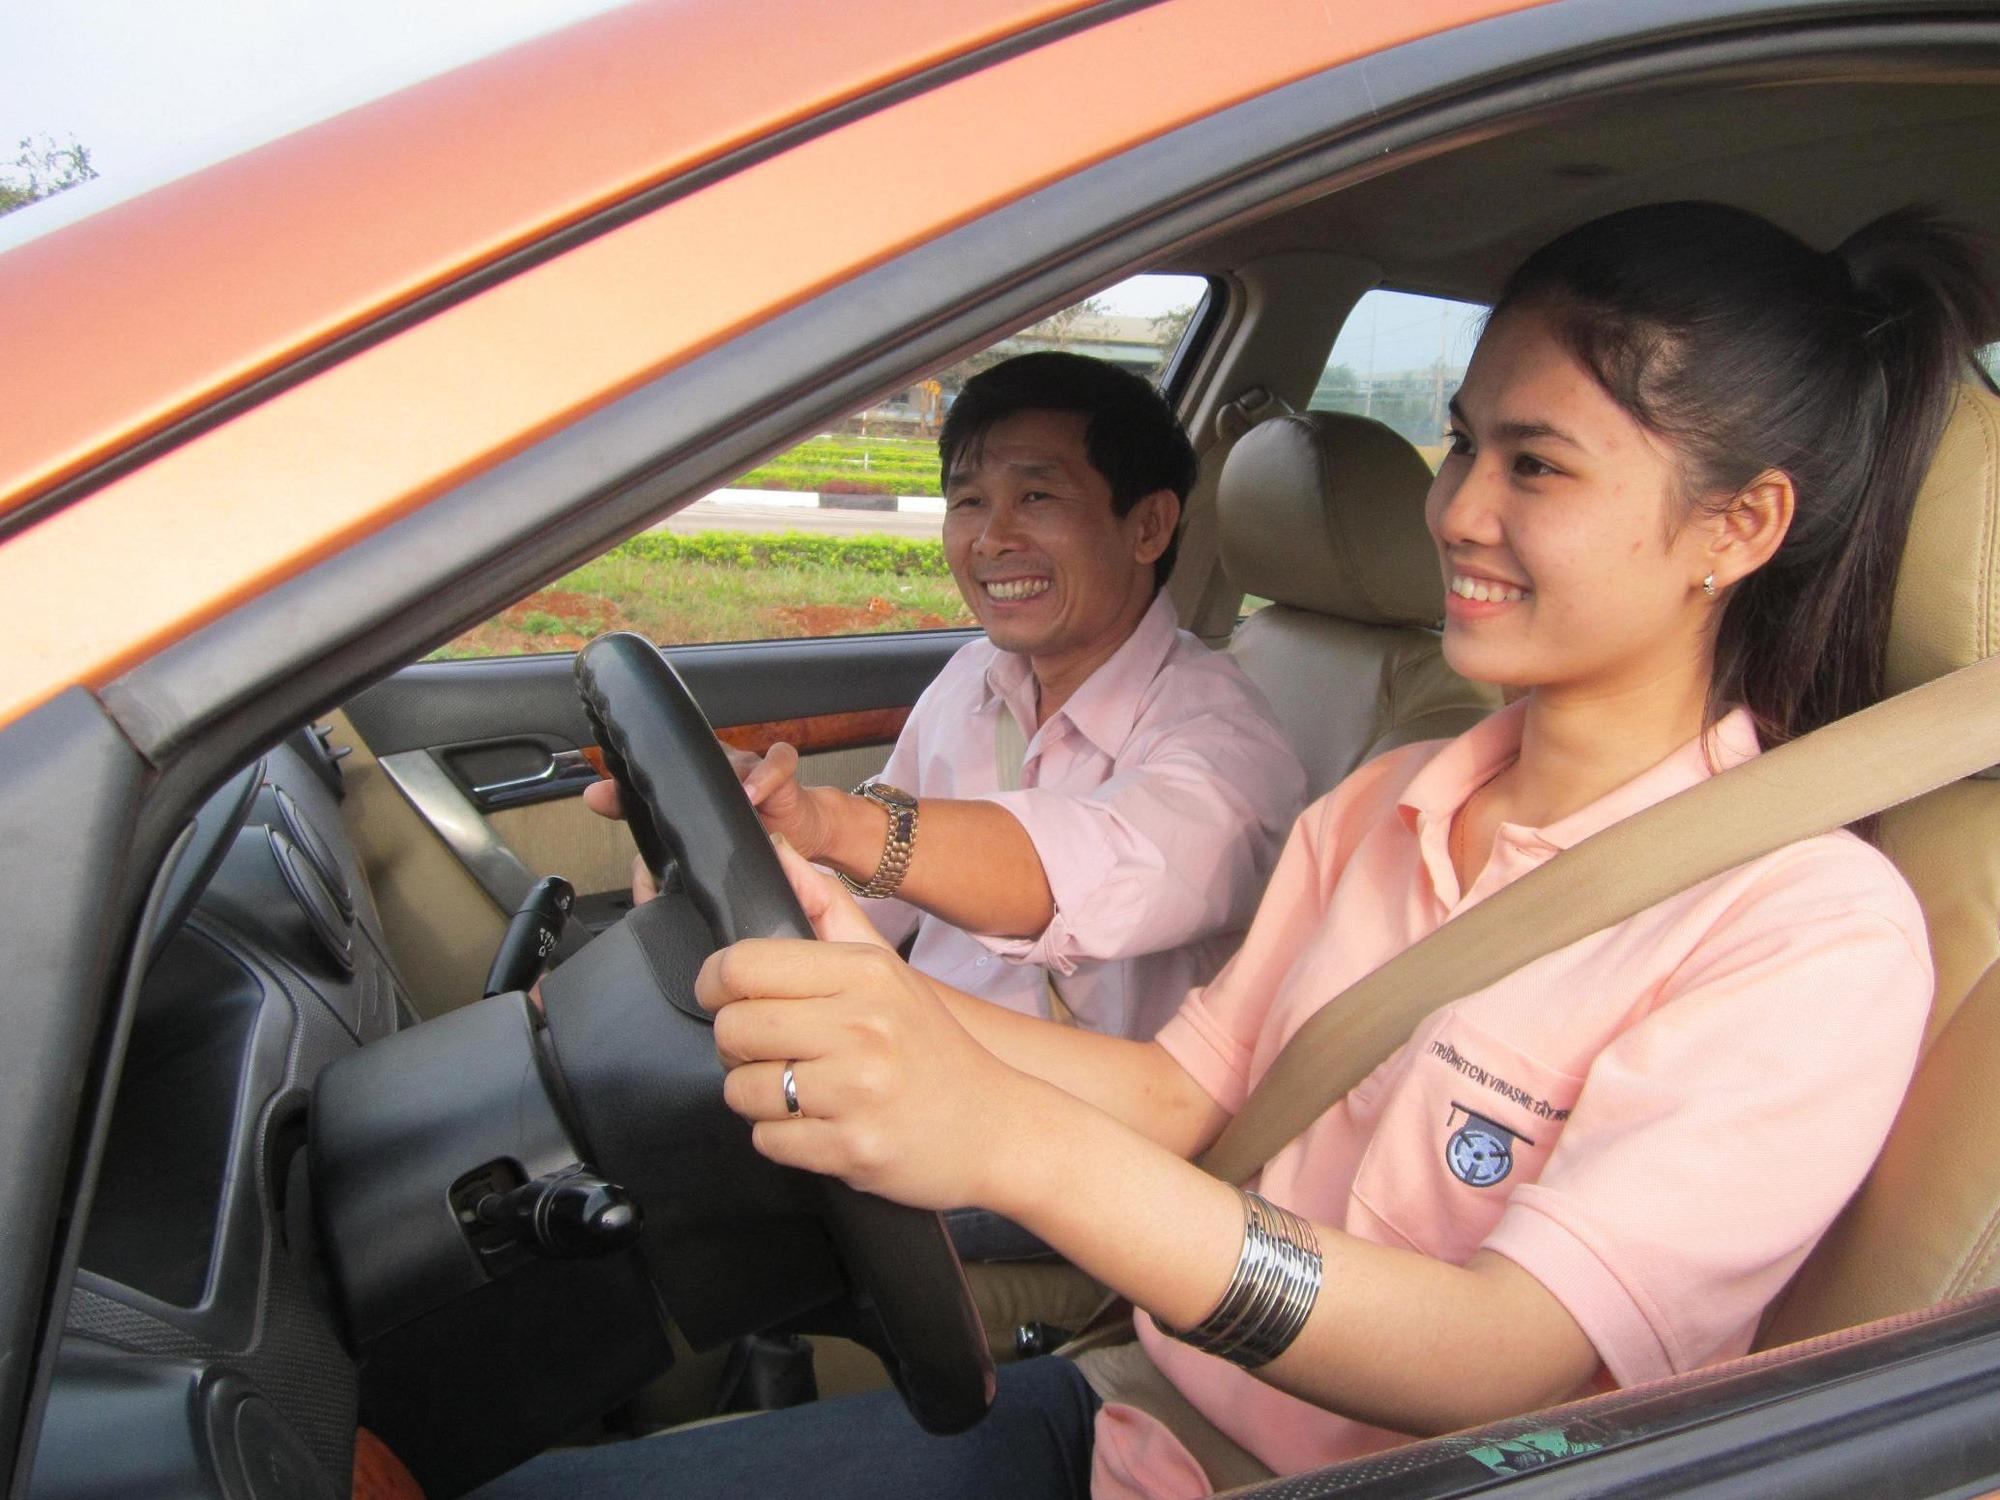 Người ở trong độ tuổi phù hợp mới được tham gia thi lấy bằng lái xe ô tô